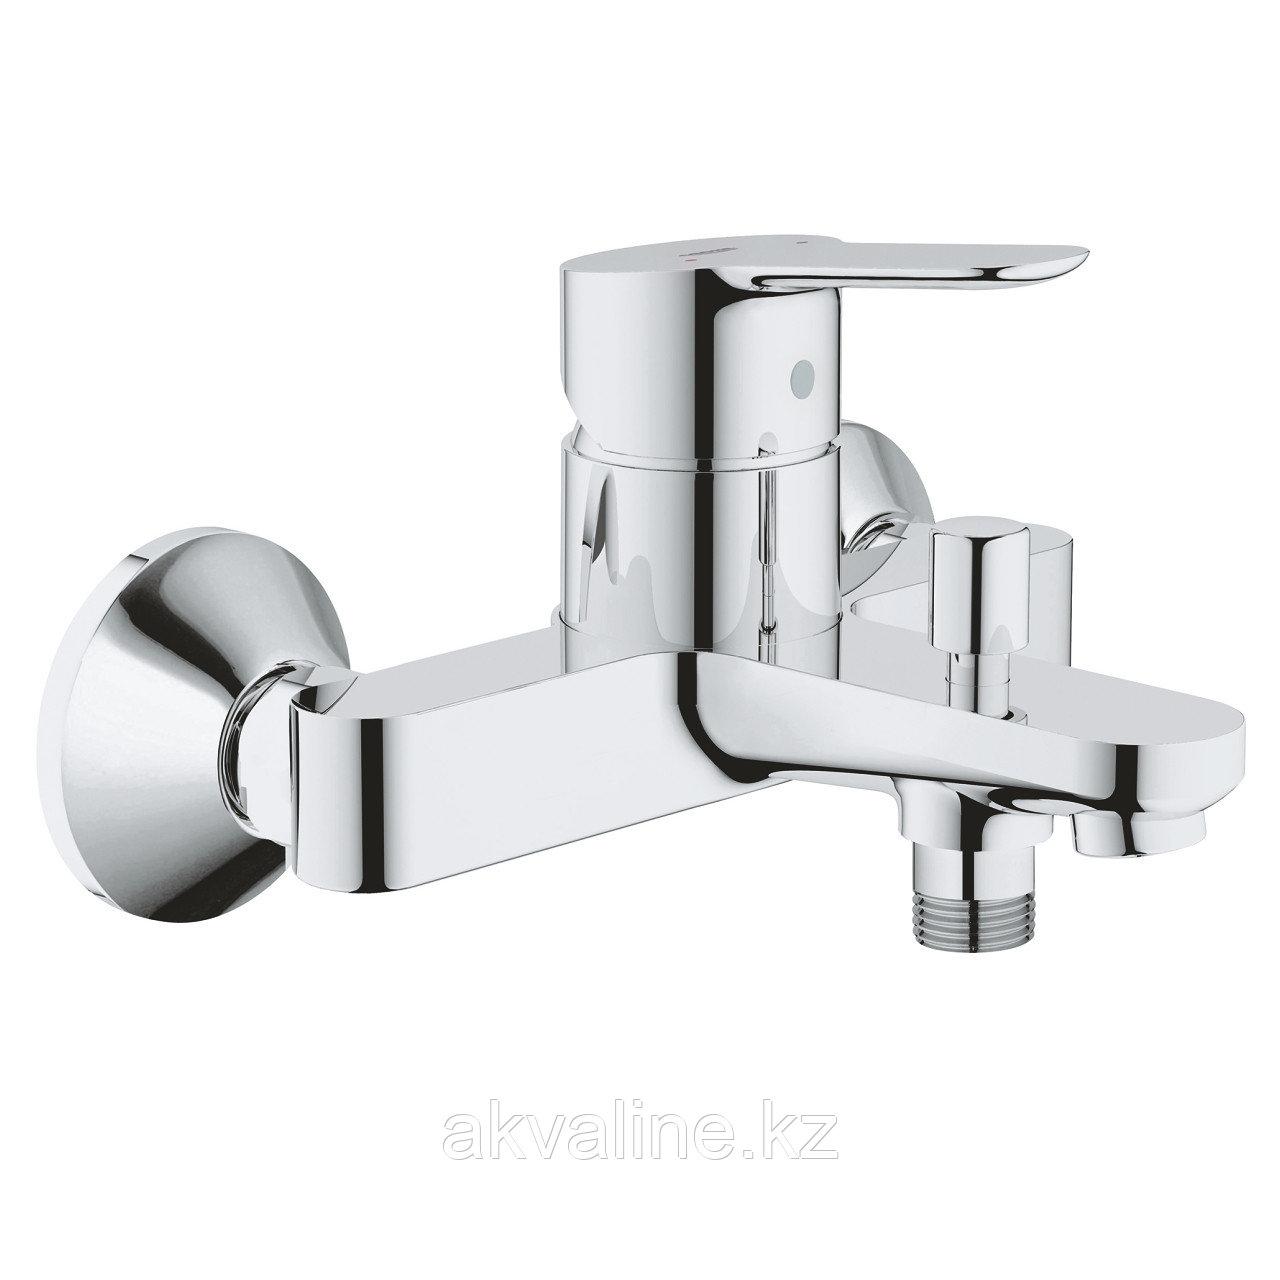 Grohe BauEdge Смеситель однорычажный для ванной, DN 15 23334000